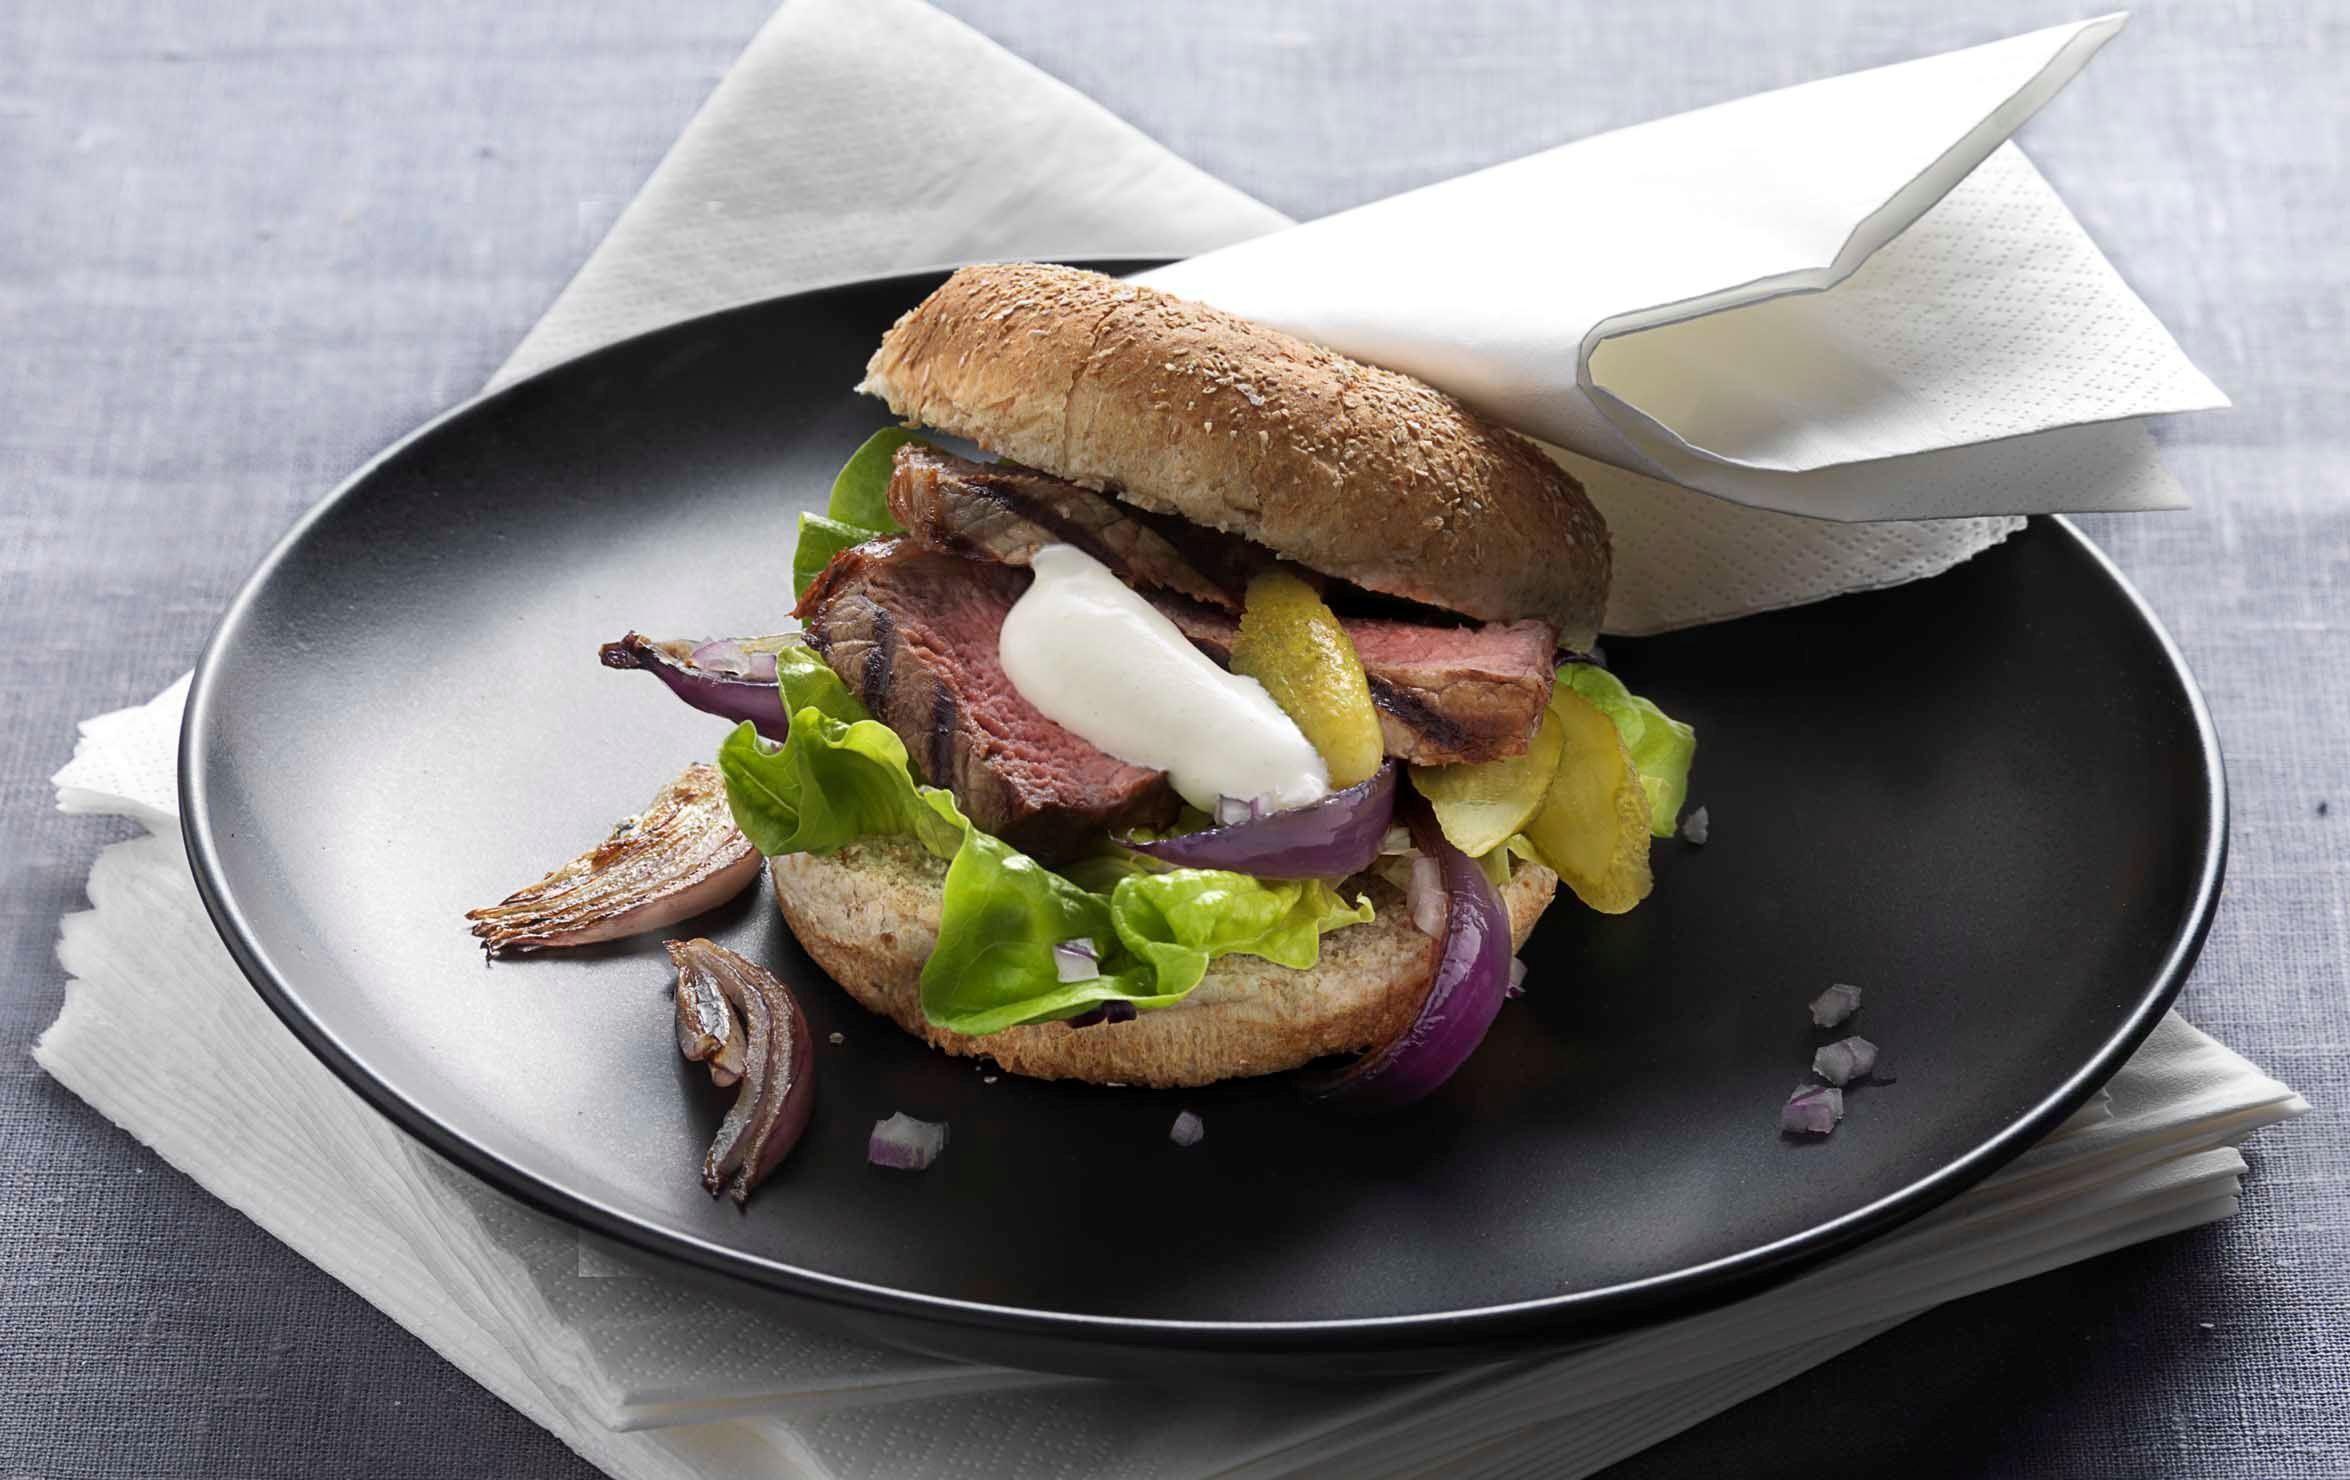 Sandwich med grillede bøffer og sennepscreme